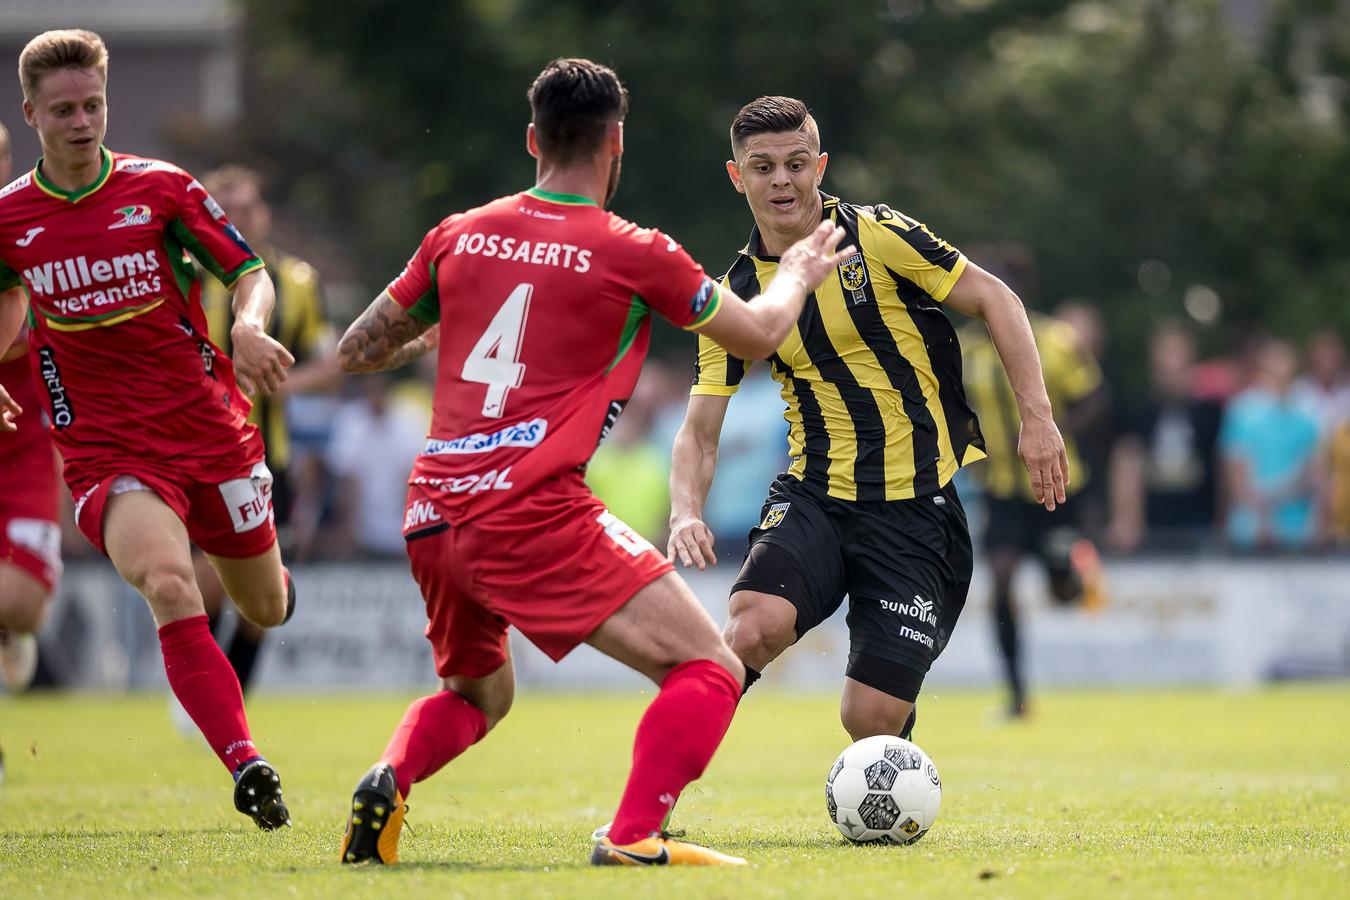 Mathias Bossaerts (4) oefent met KV Oostende tegen Vitesse.